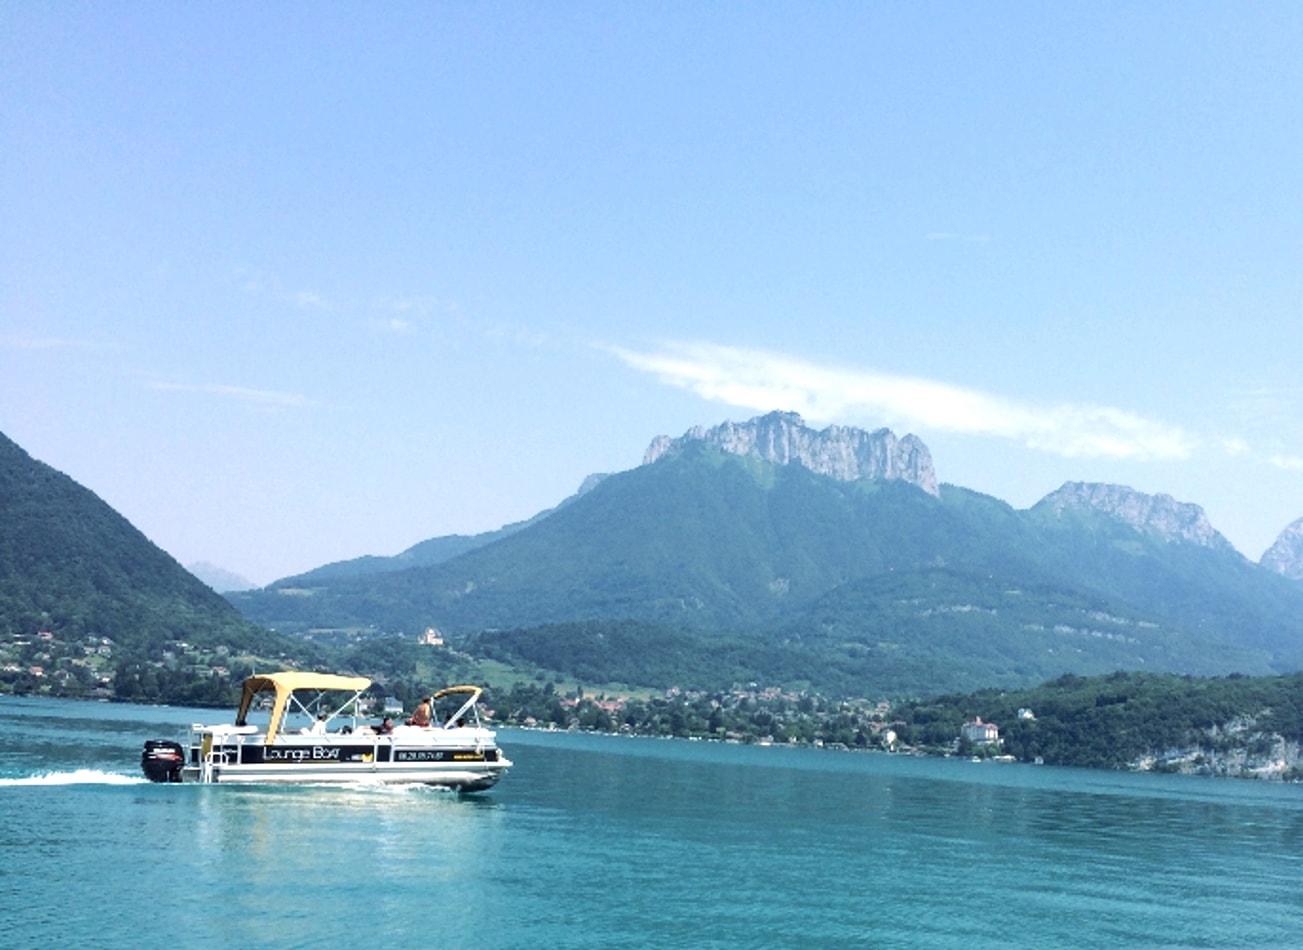 croisière apéritif sur le lac bateau catamaran annecy activites vimigo